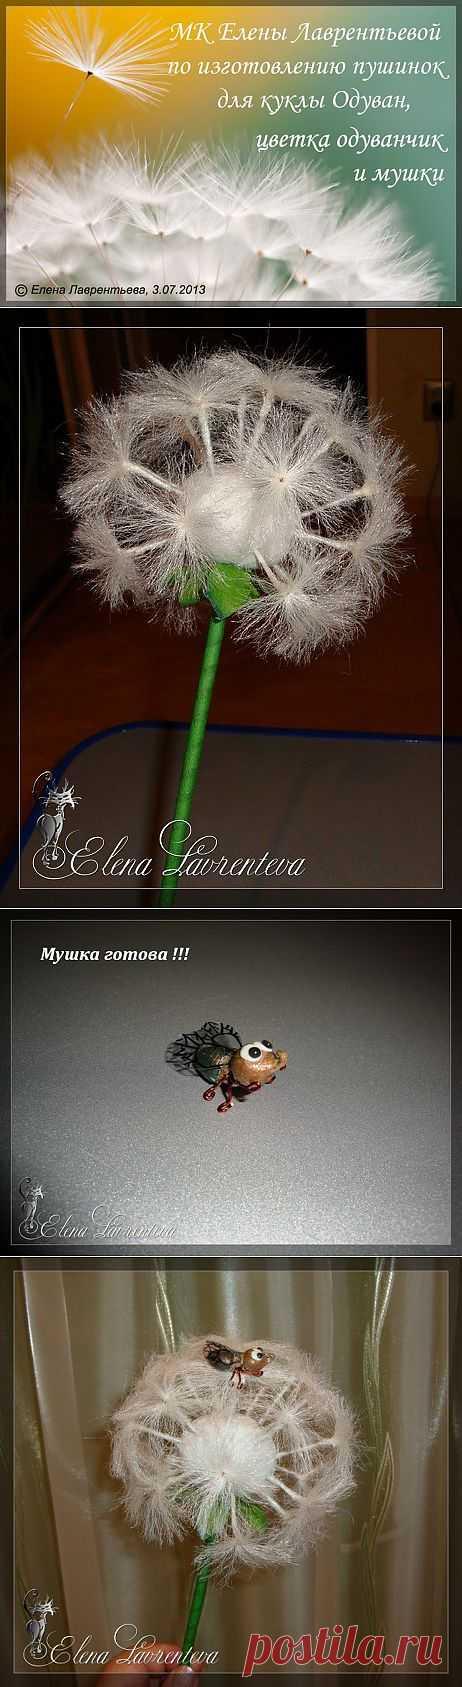 МК по изготовлению пушинок для кукол и цветов. Автор МК - Е. Лаврентьева | СВОИМИ РУКАМИ